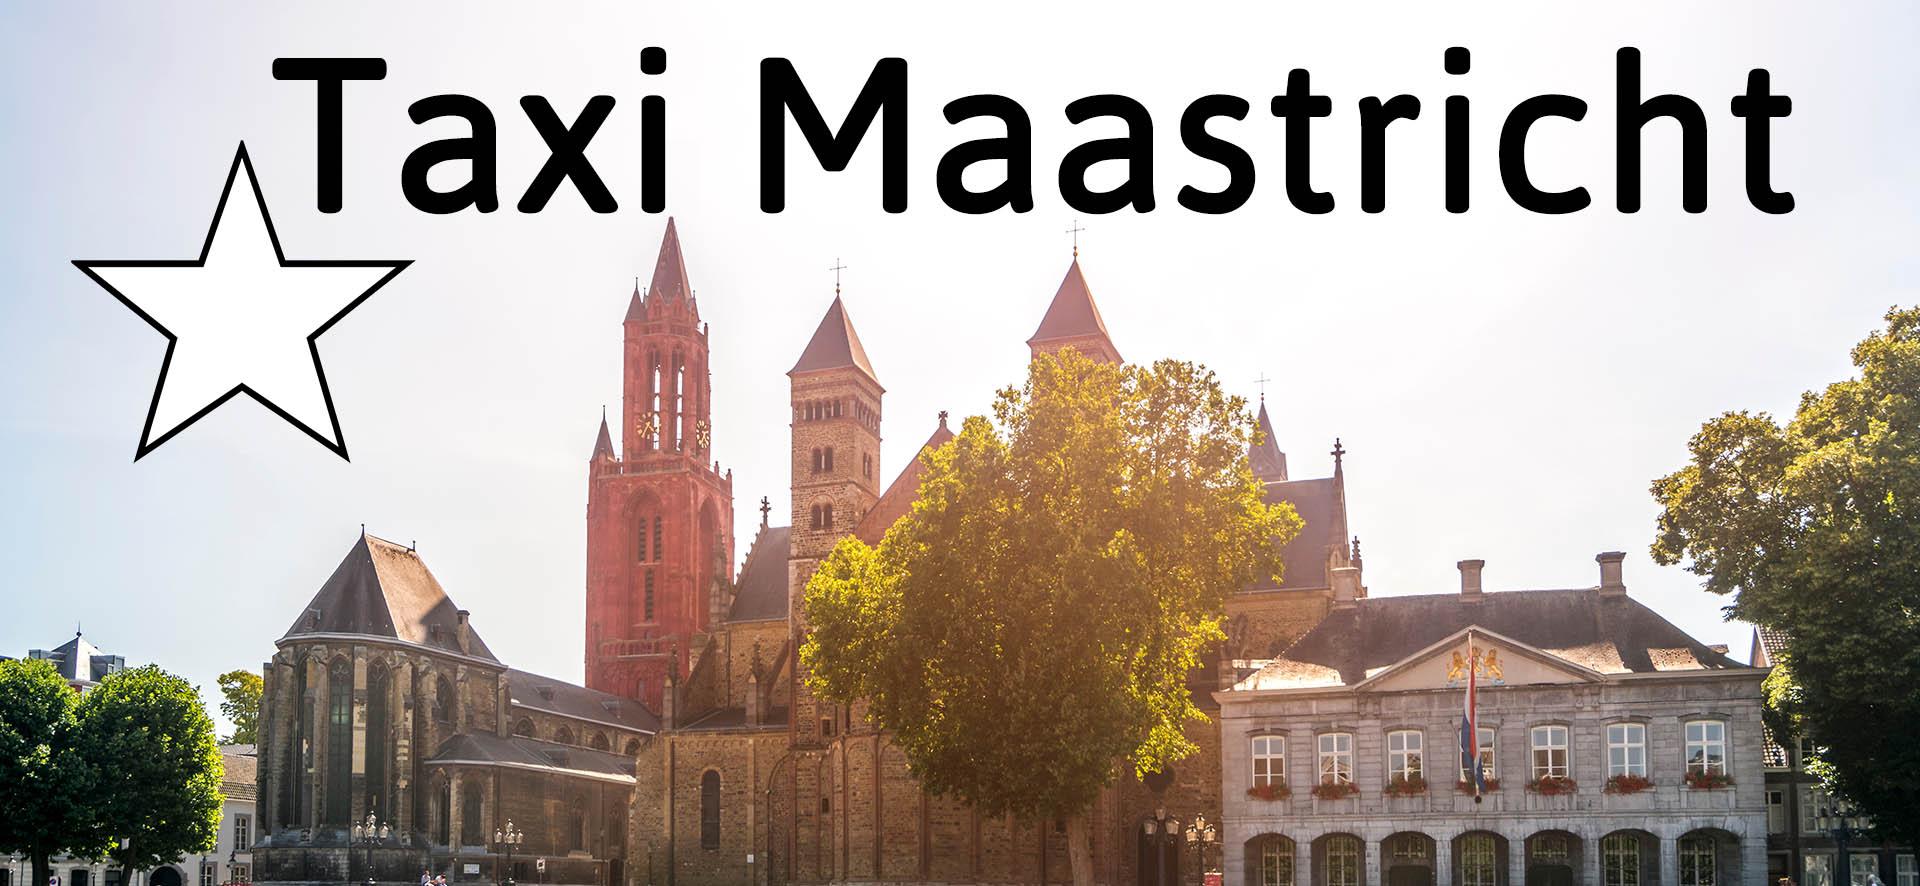 Taxi Maastricht